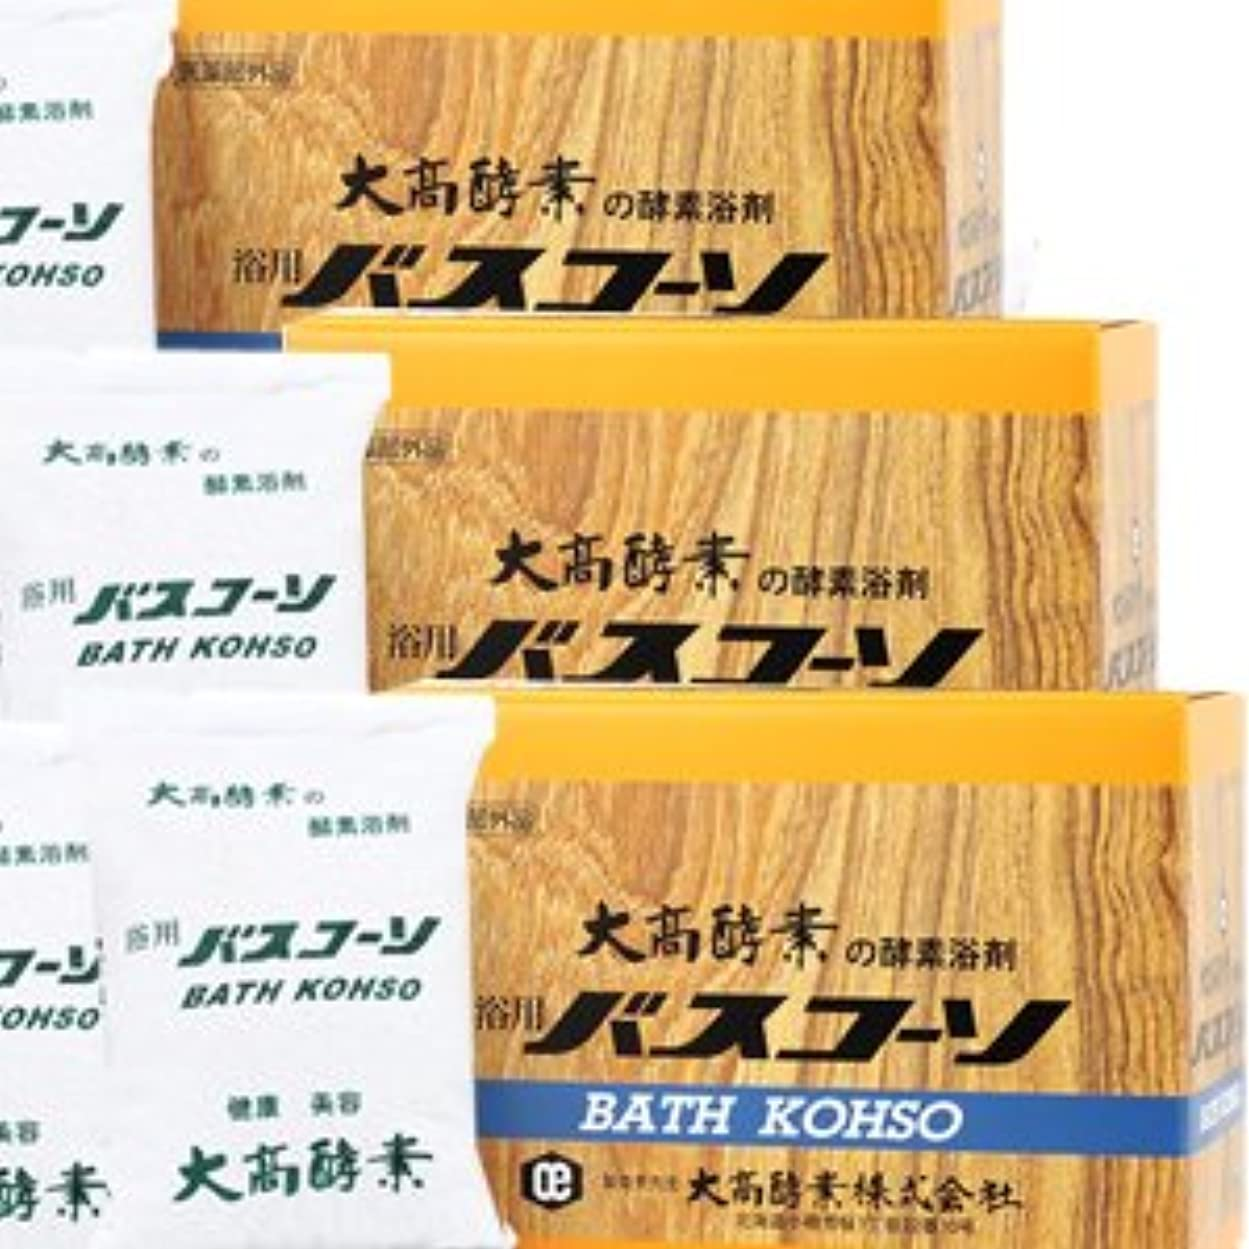 桁誤規制【3個】 大高酵素 バスコーソ酵素入浴剤(100g×6袋)x3個 4971578001095